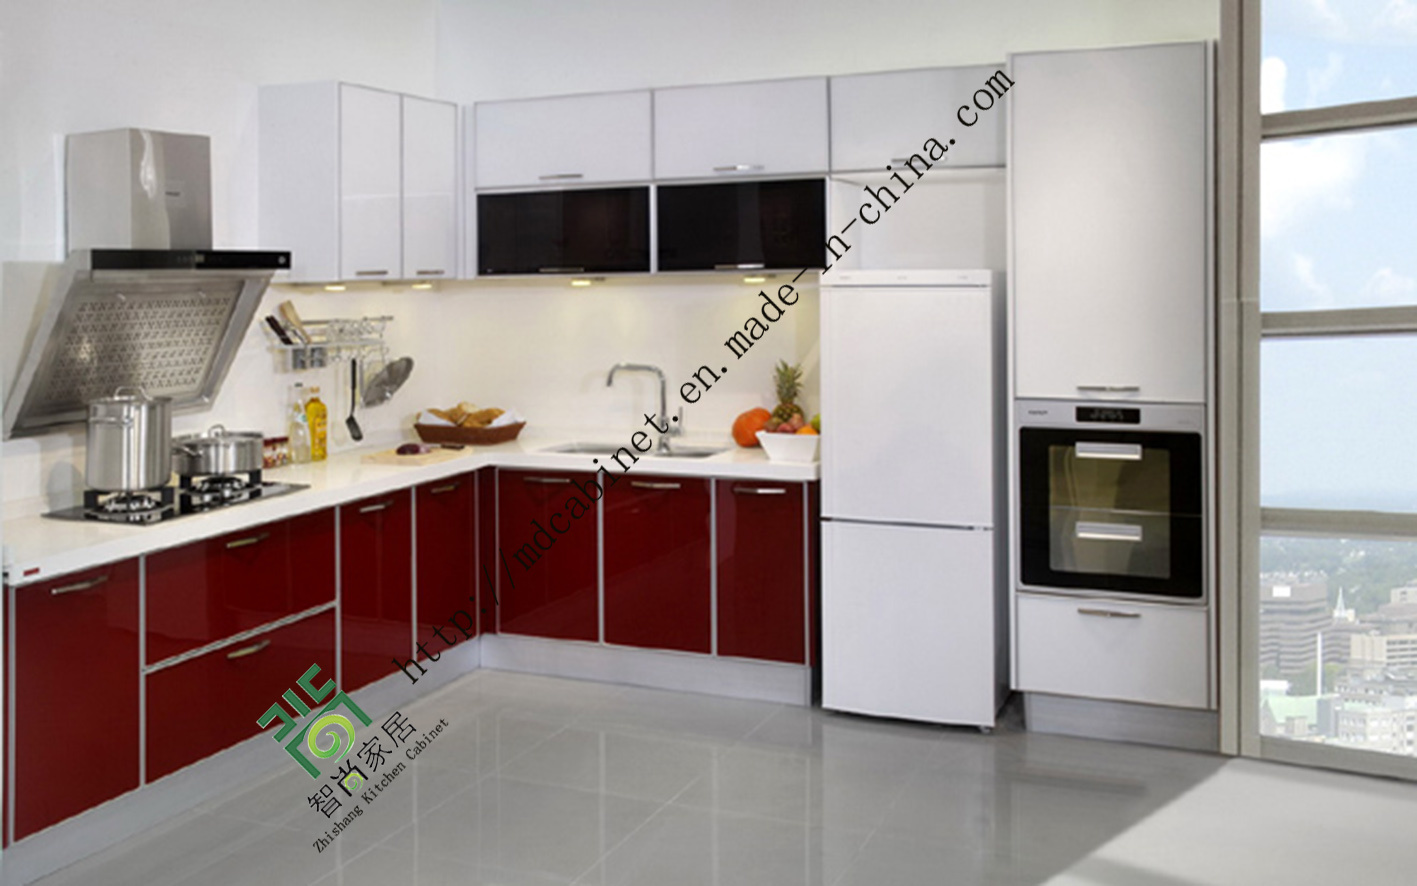 Paneles acrilicos para frentes de cocina beautiful - Paneles para cocinas ...